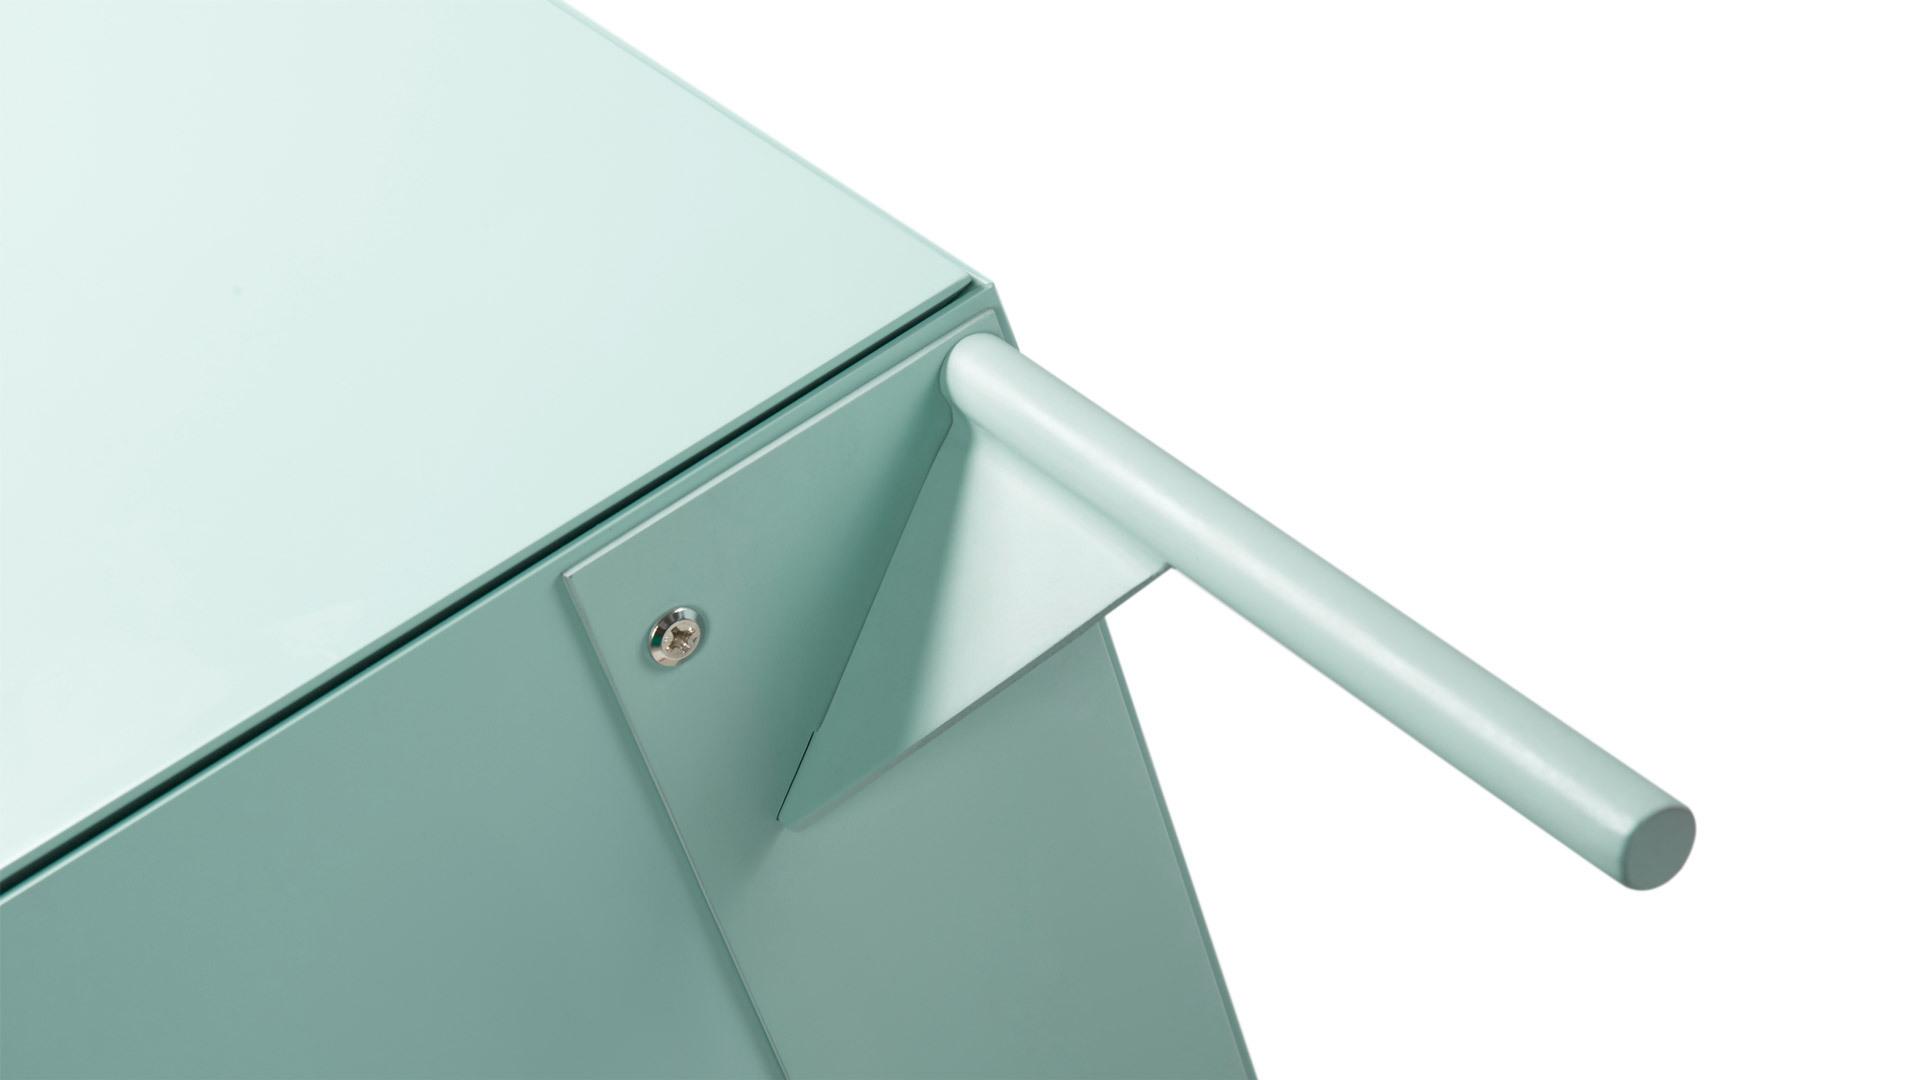 稳固的焊接结构钢腿,同样采用45°内切支撑,呼应柜体通身的45°拼角,在看不见的地方都保证设计的优雅一致。